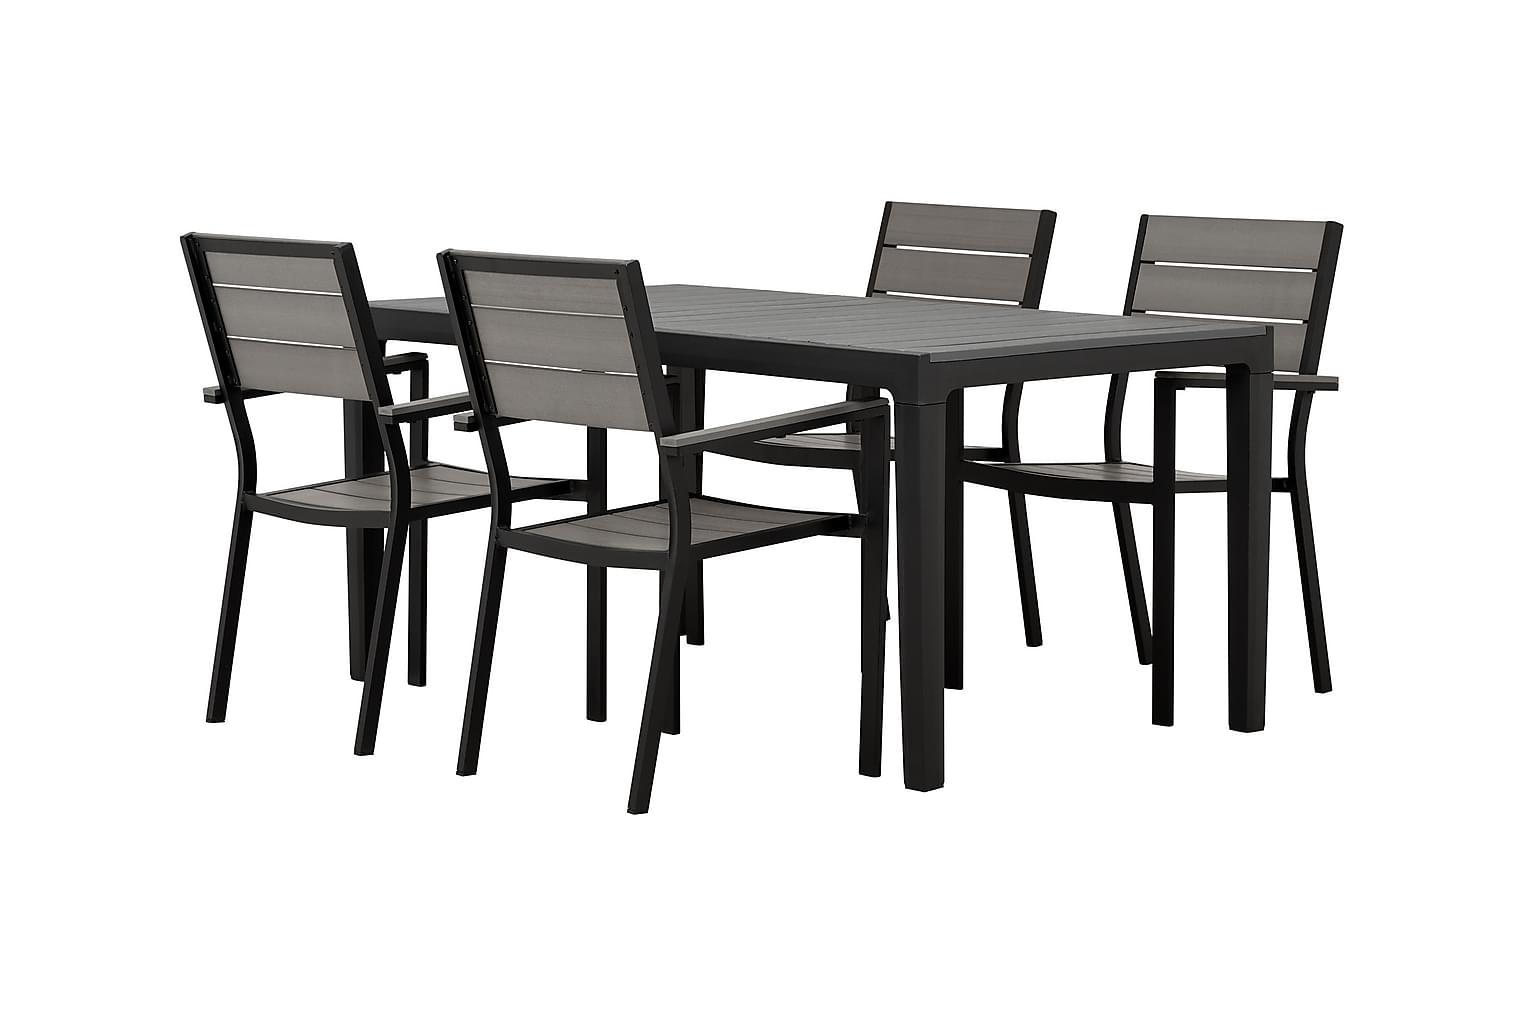 BILBAO Pöytä 160 + 4 LAPAZ Pinottavaa tuolia Musta/Harmaa